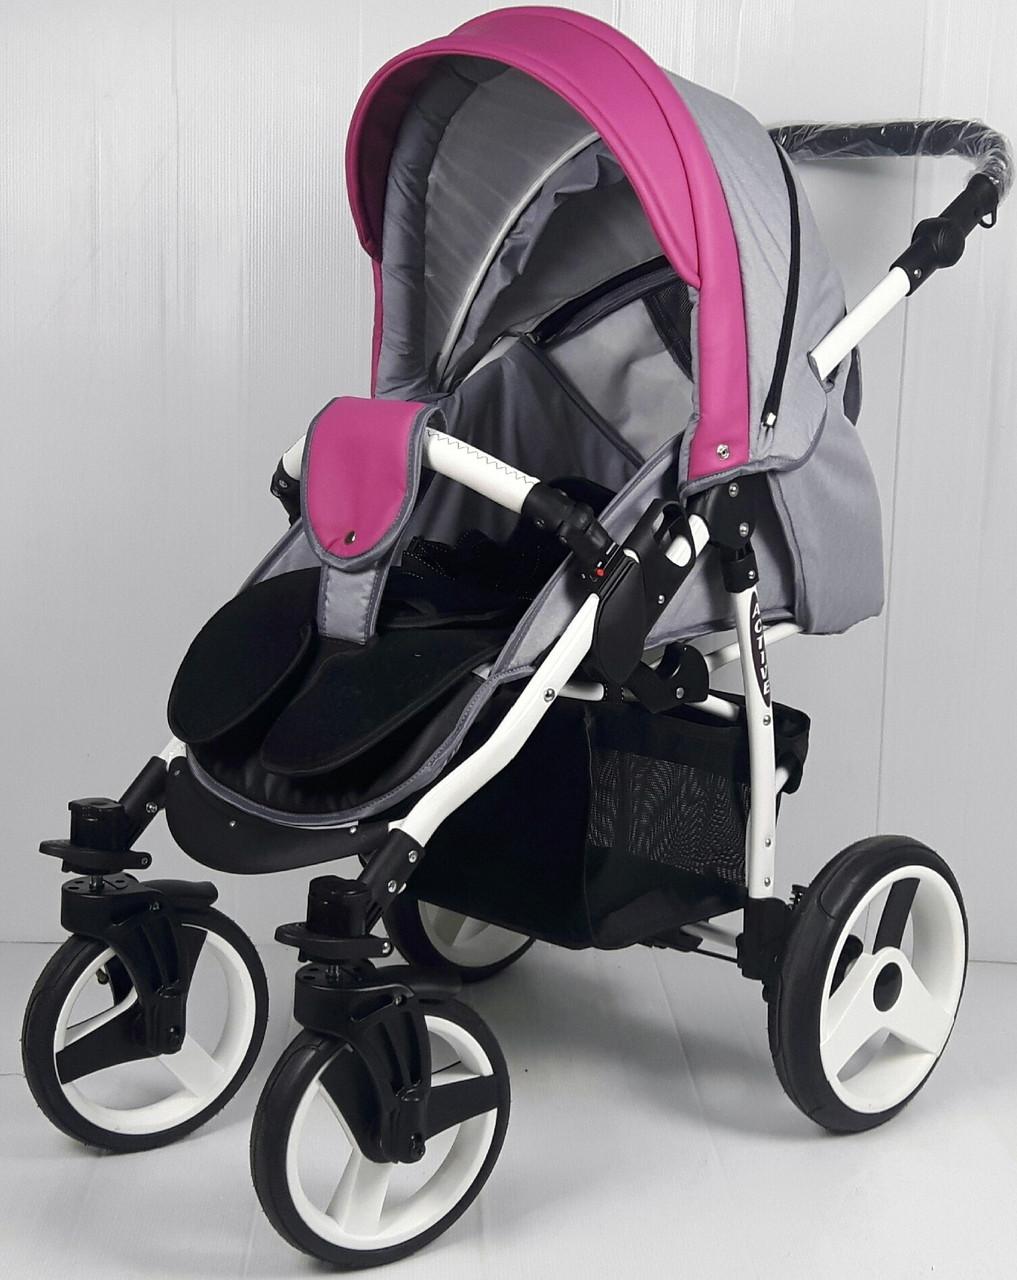 Детская коляска NESTOR ACTIVE RAINBOW HIT прогулочная - Интернет-магазин  детских товаров и мебели SIGNAL 595224b0ea2